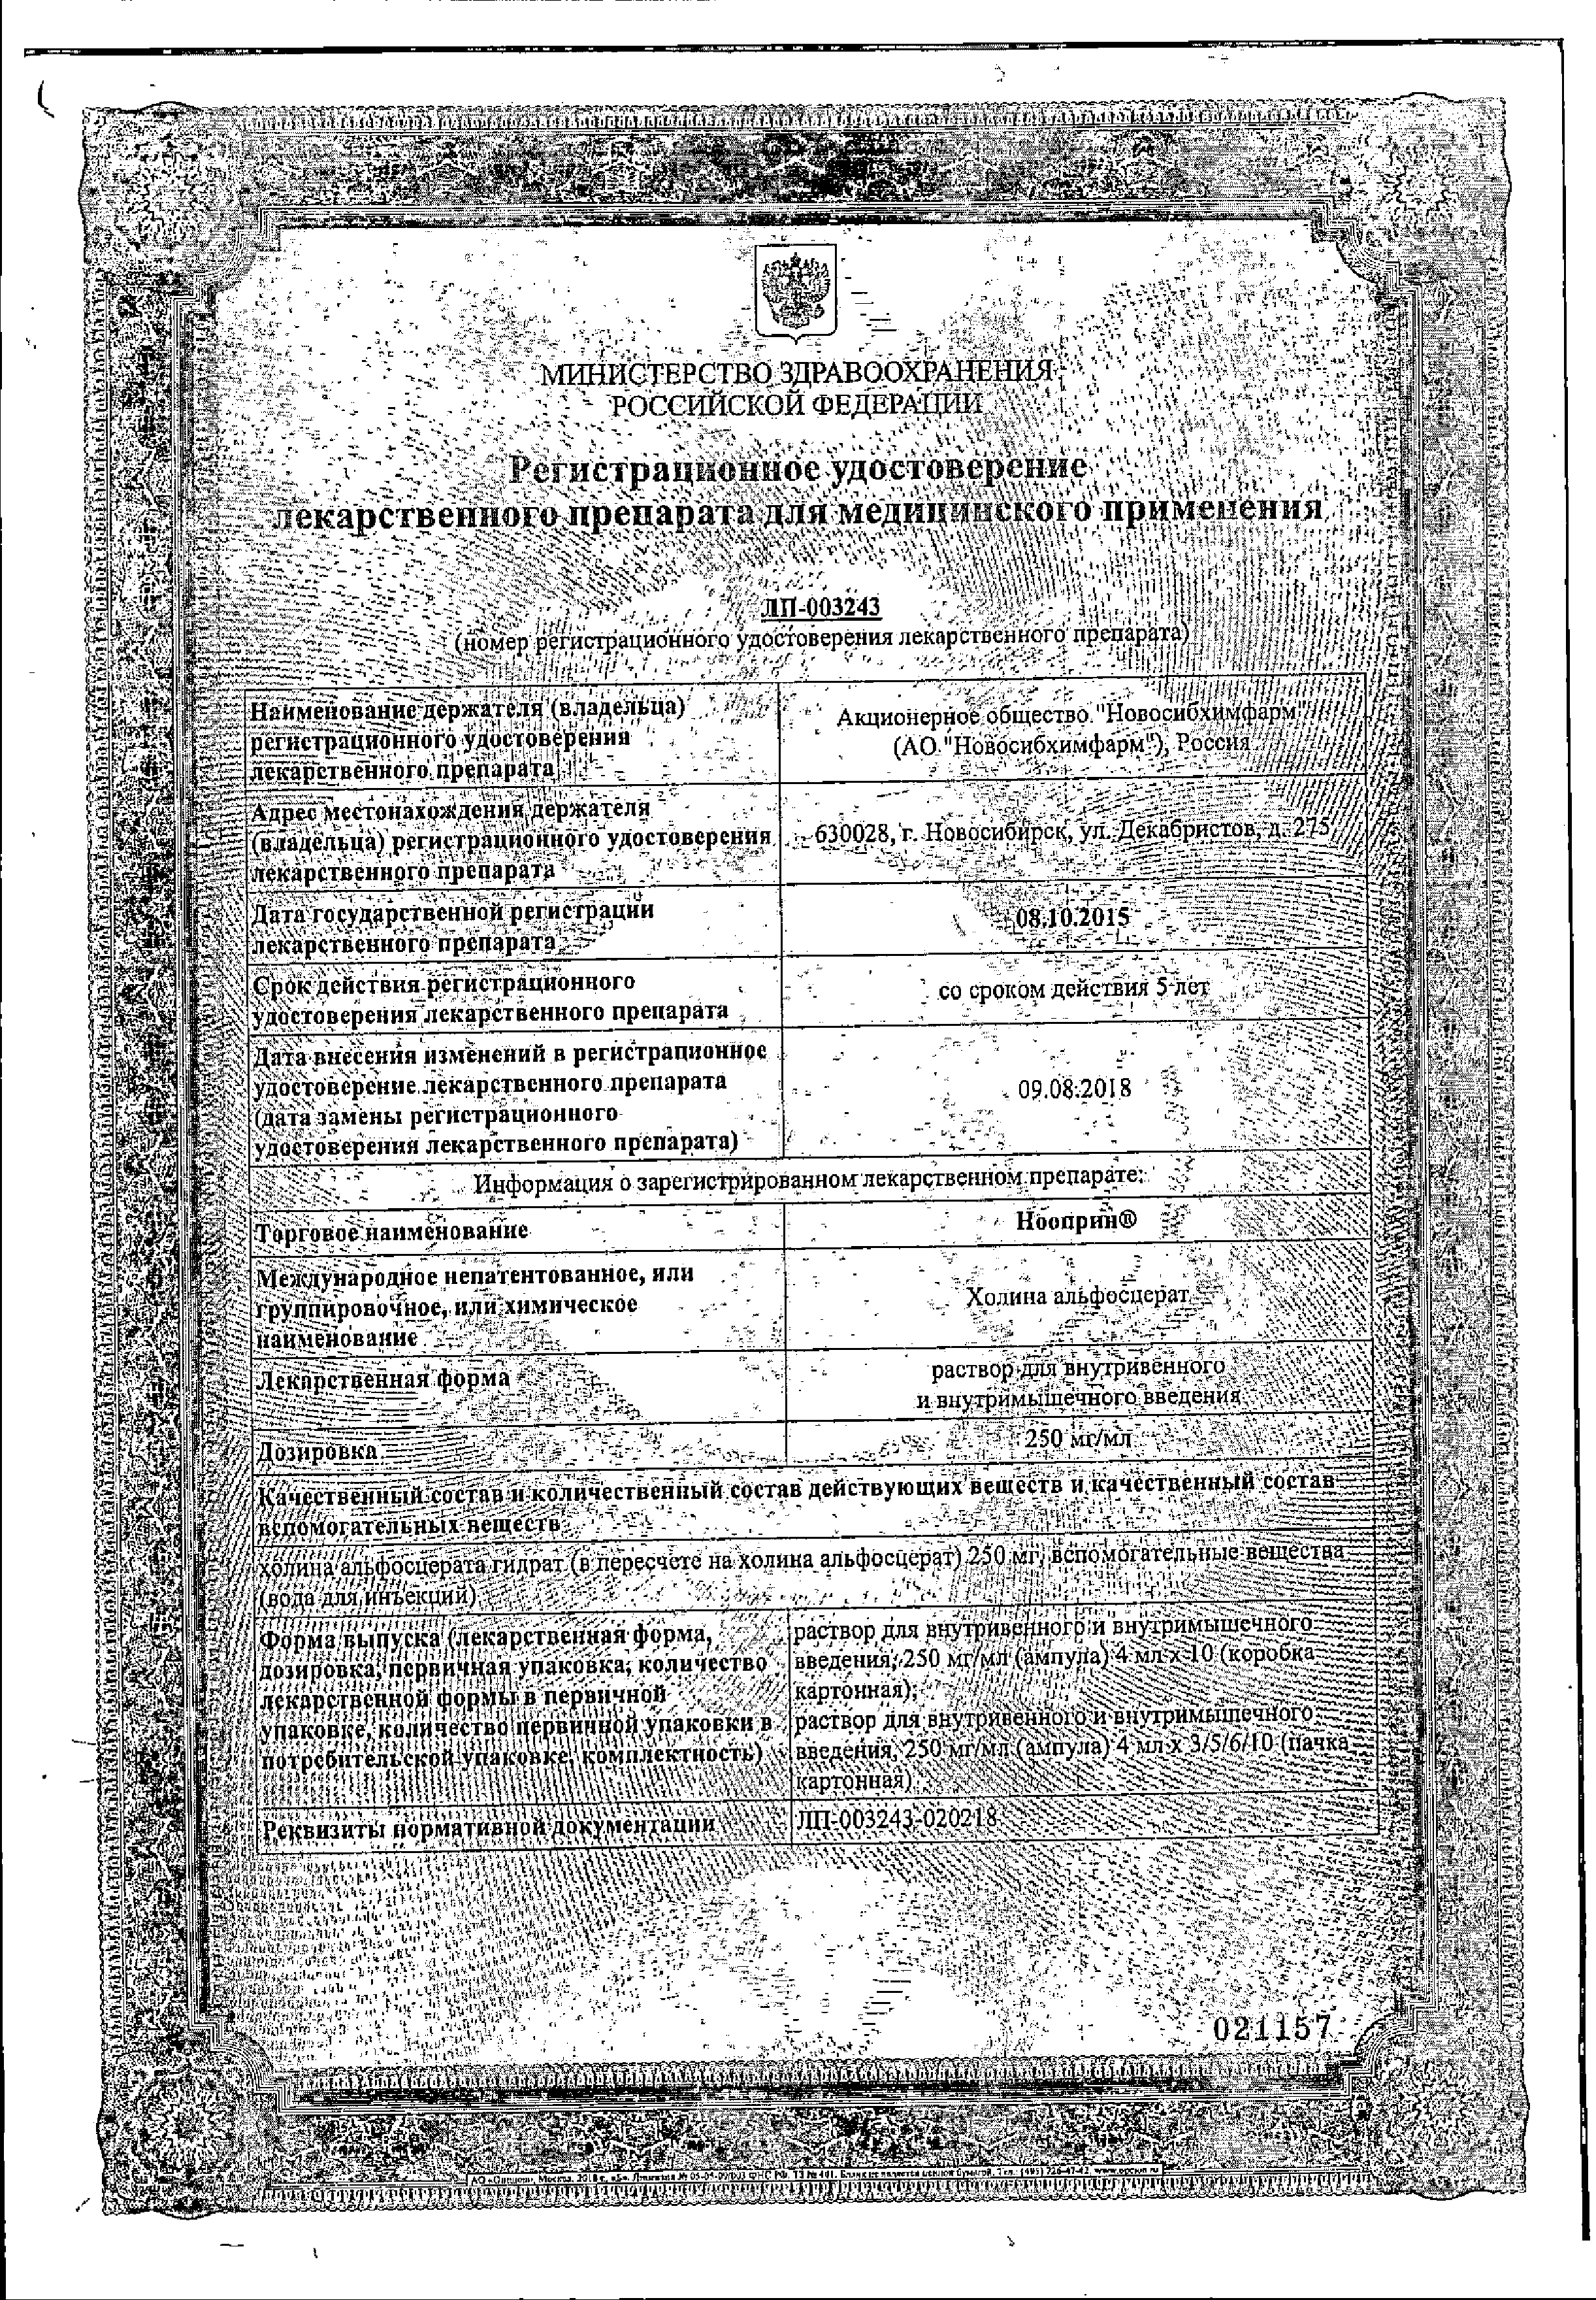 Нооприн сертификат